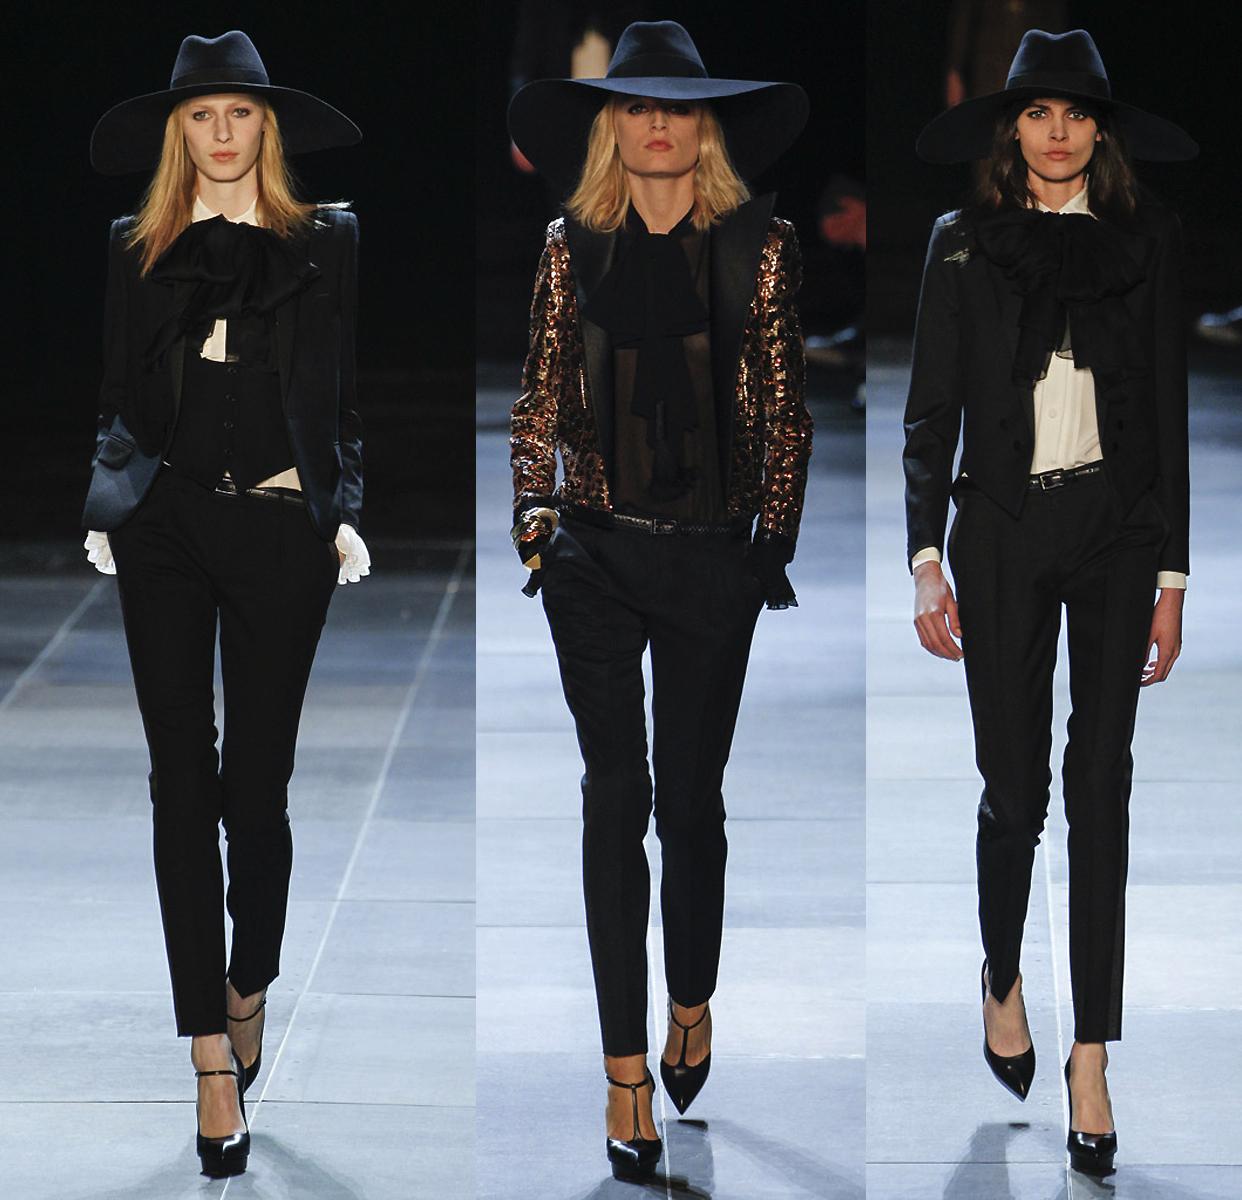 Ropa Mujer Compra Jeans, Zapatos, Chaquetas Tennis - imagenes ropa de moda para mujeres